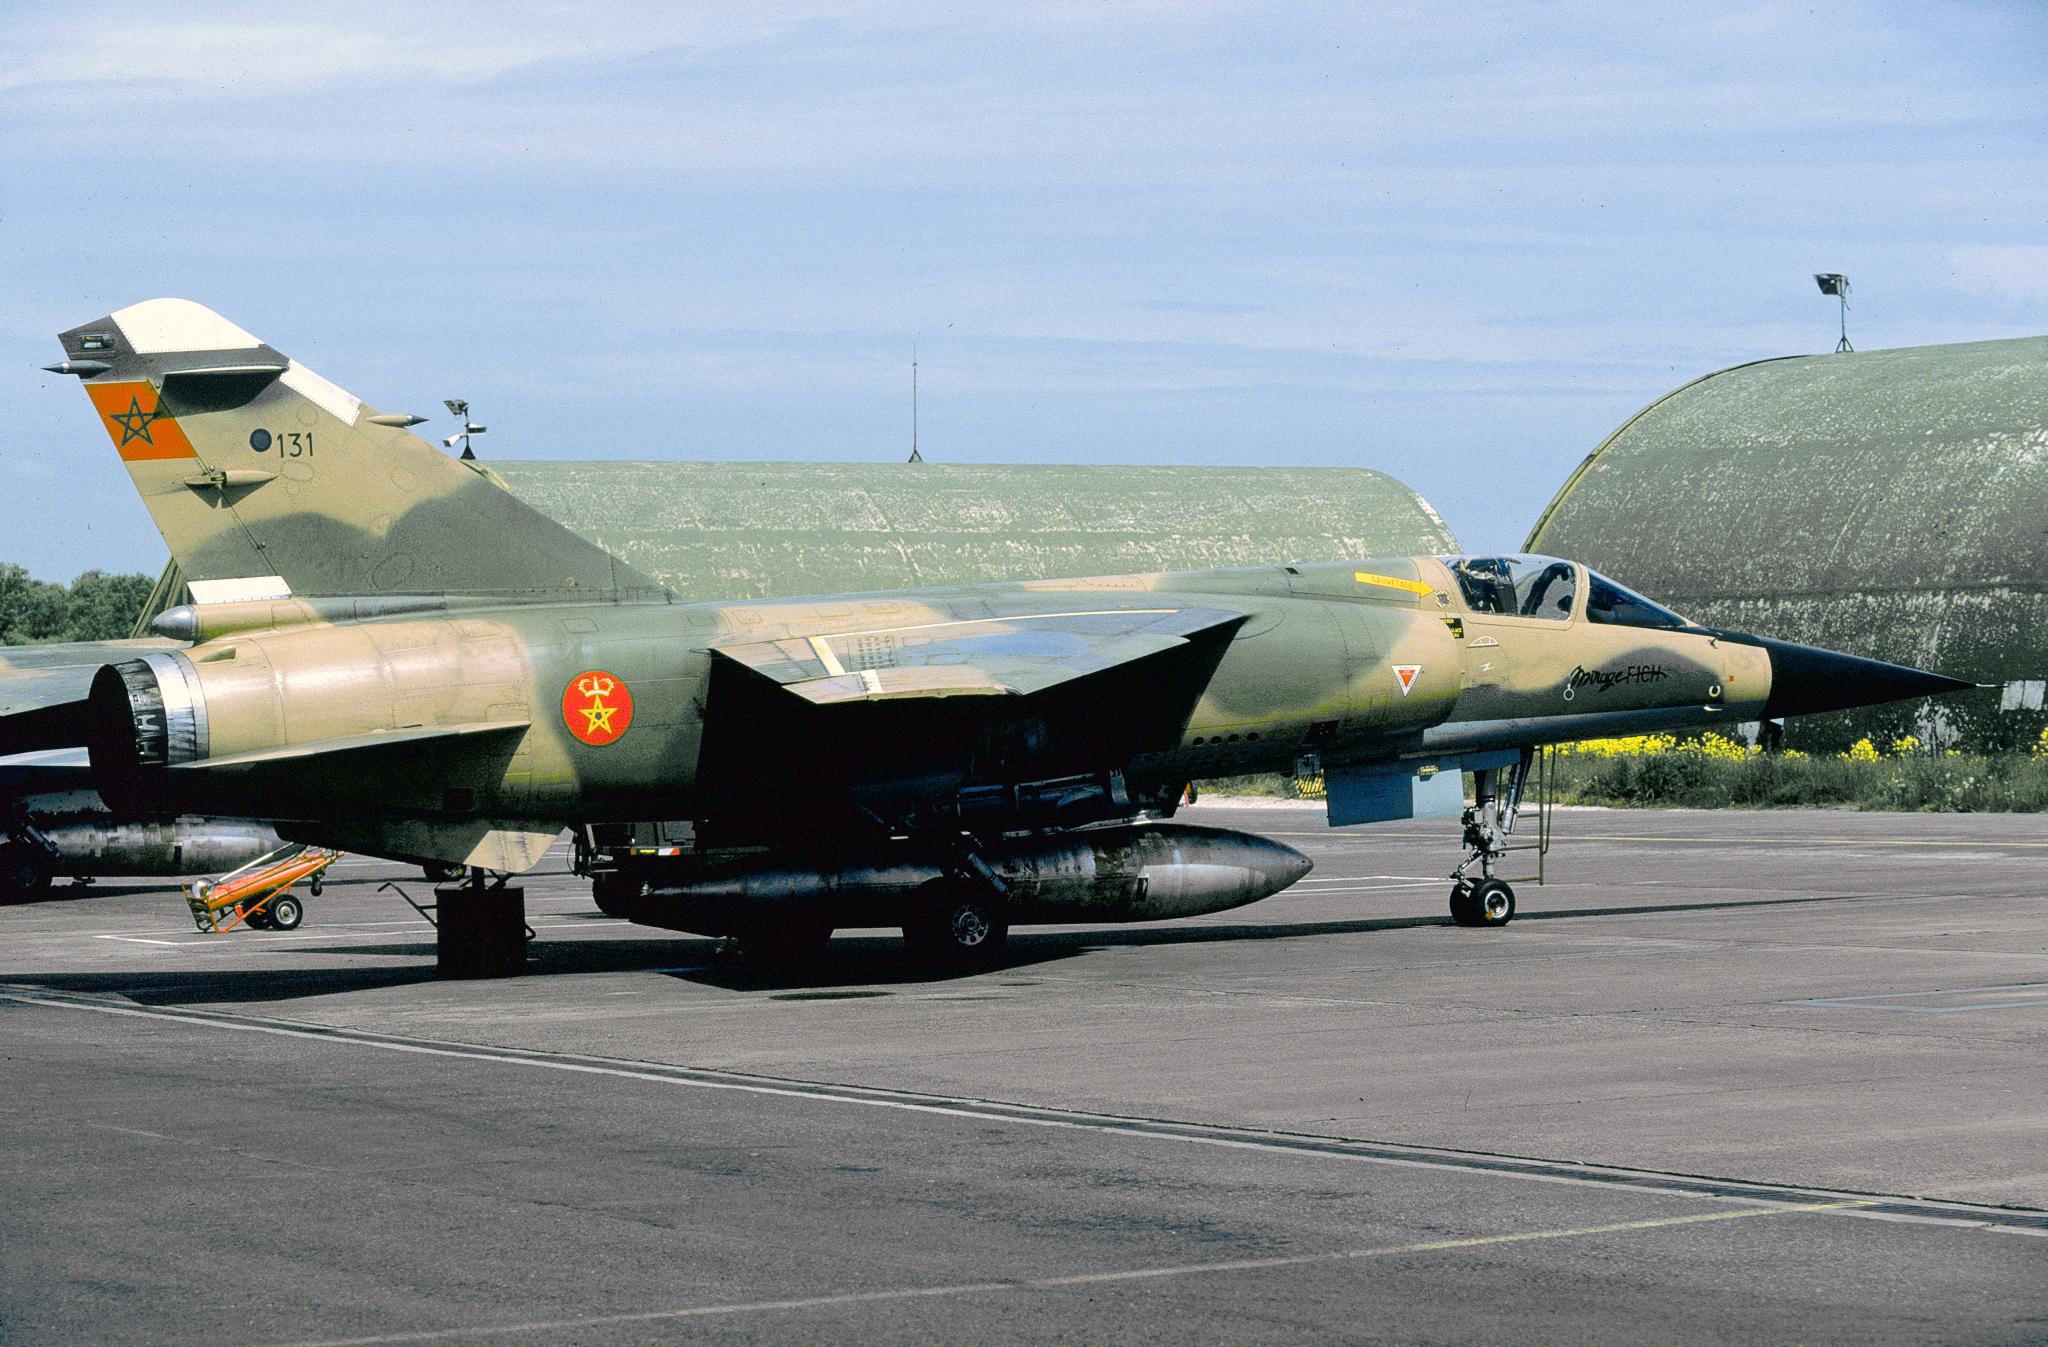 FRA: Photos Mirage F1 - Page 15 47055493762_08e39c79a5_o